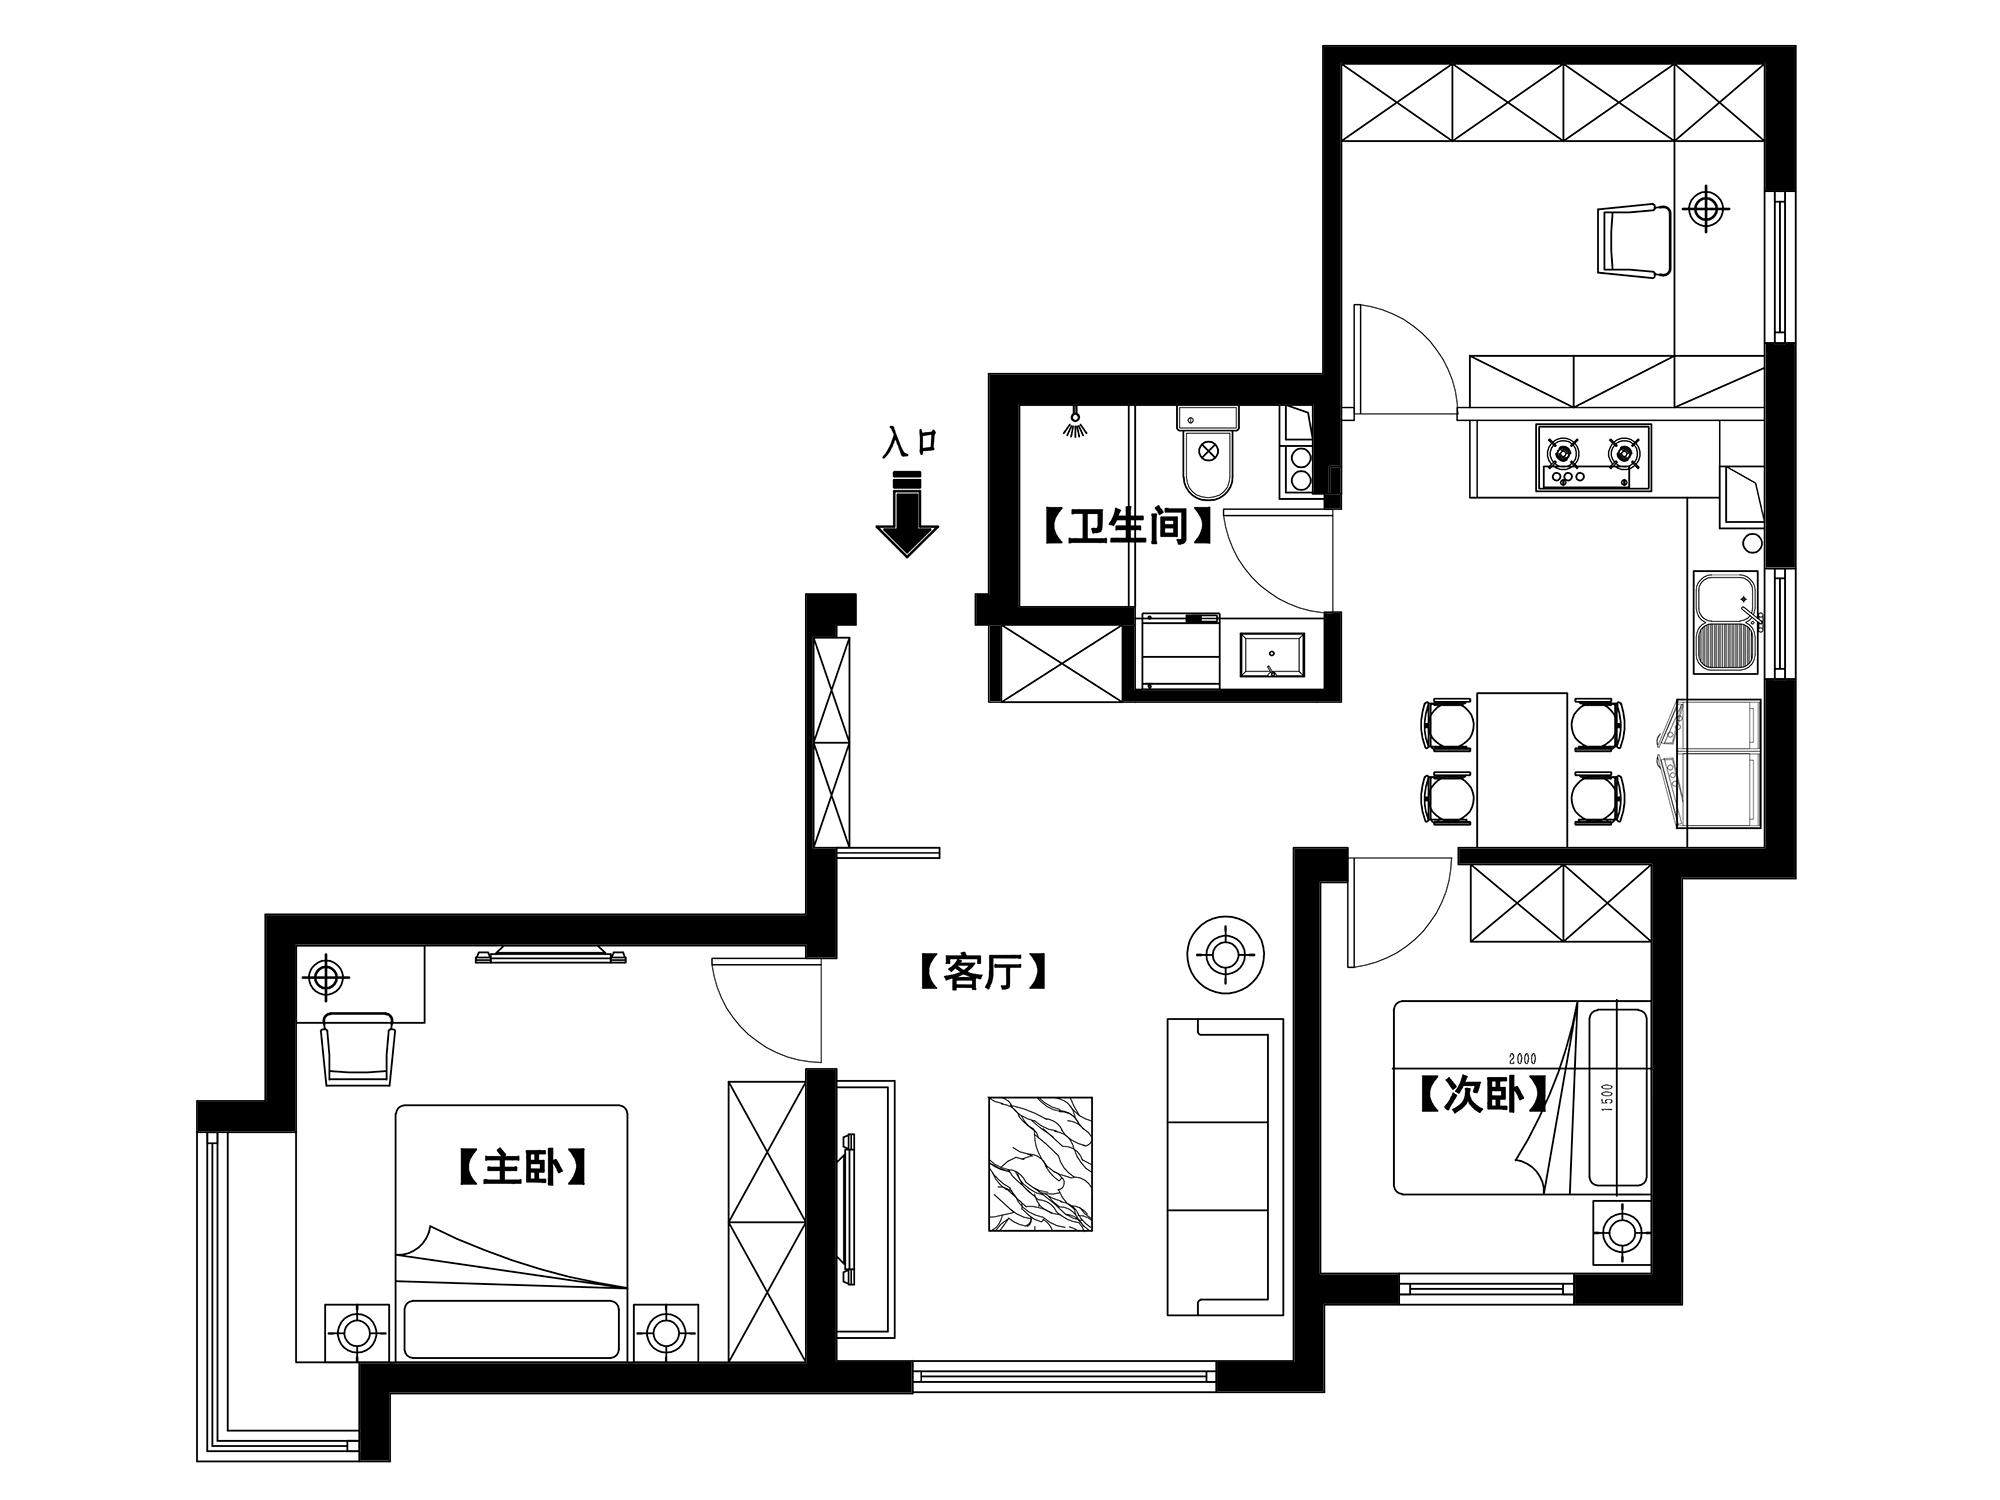 朗香邸80平简欧风格案例装修设计理念